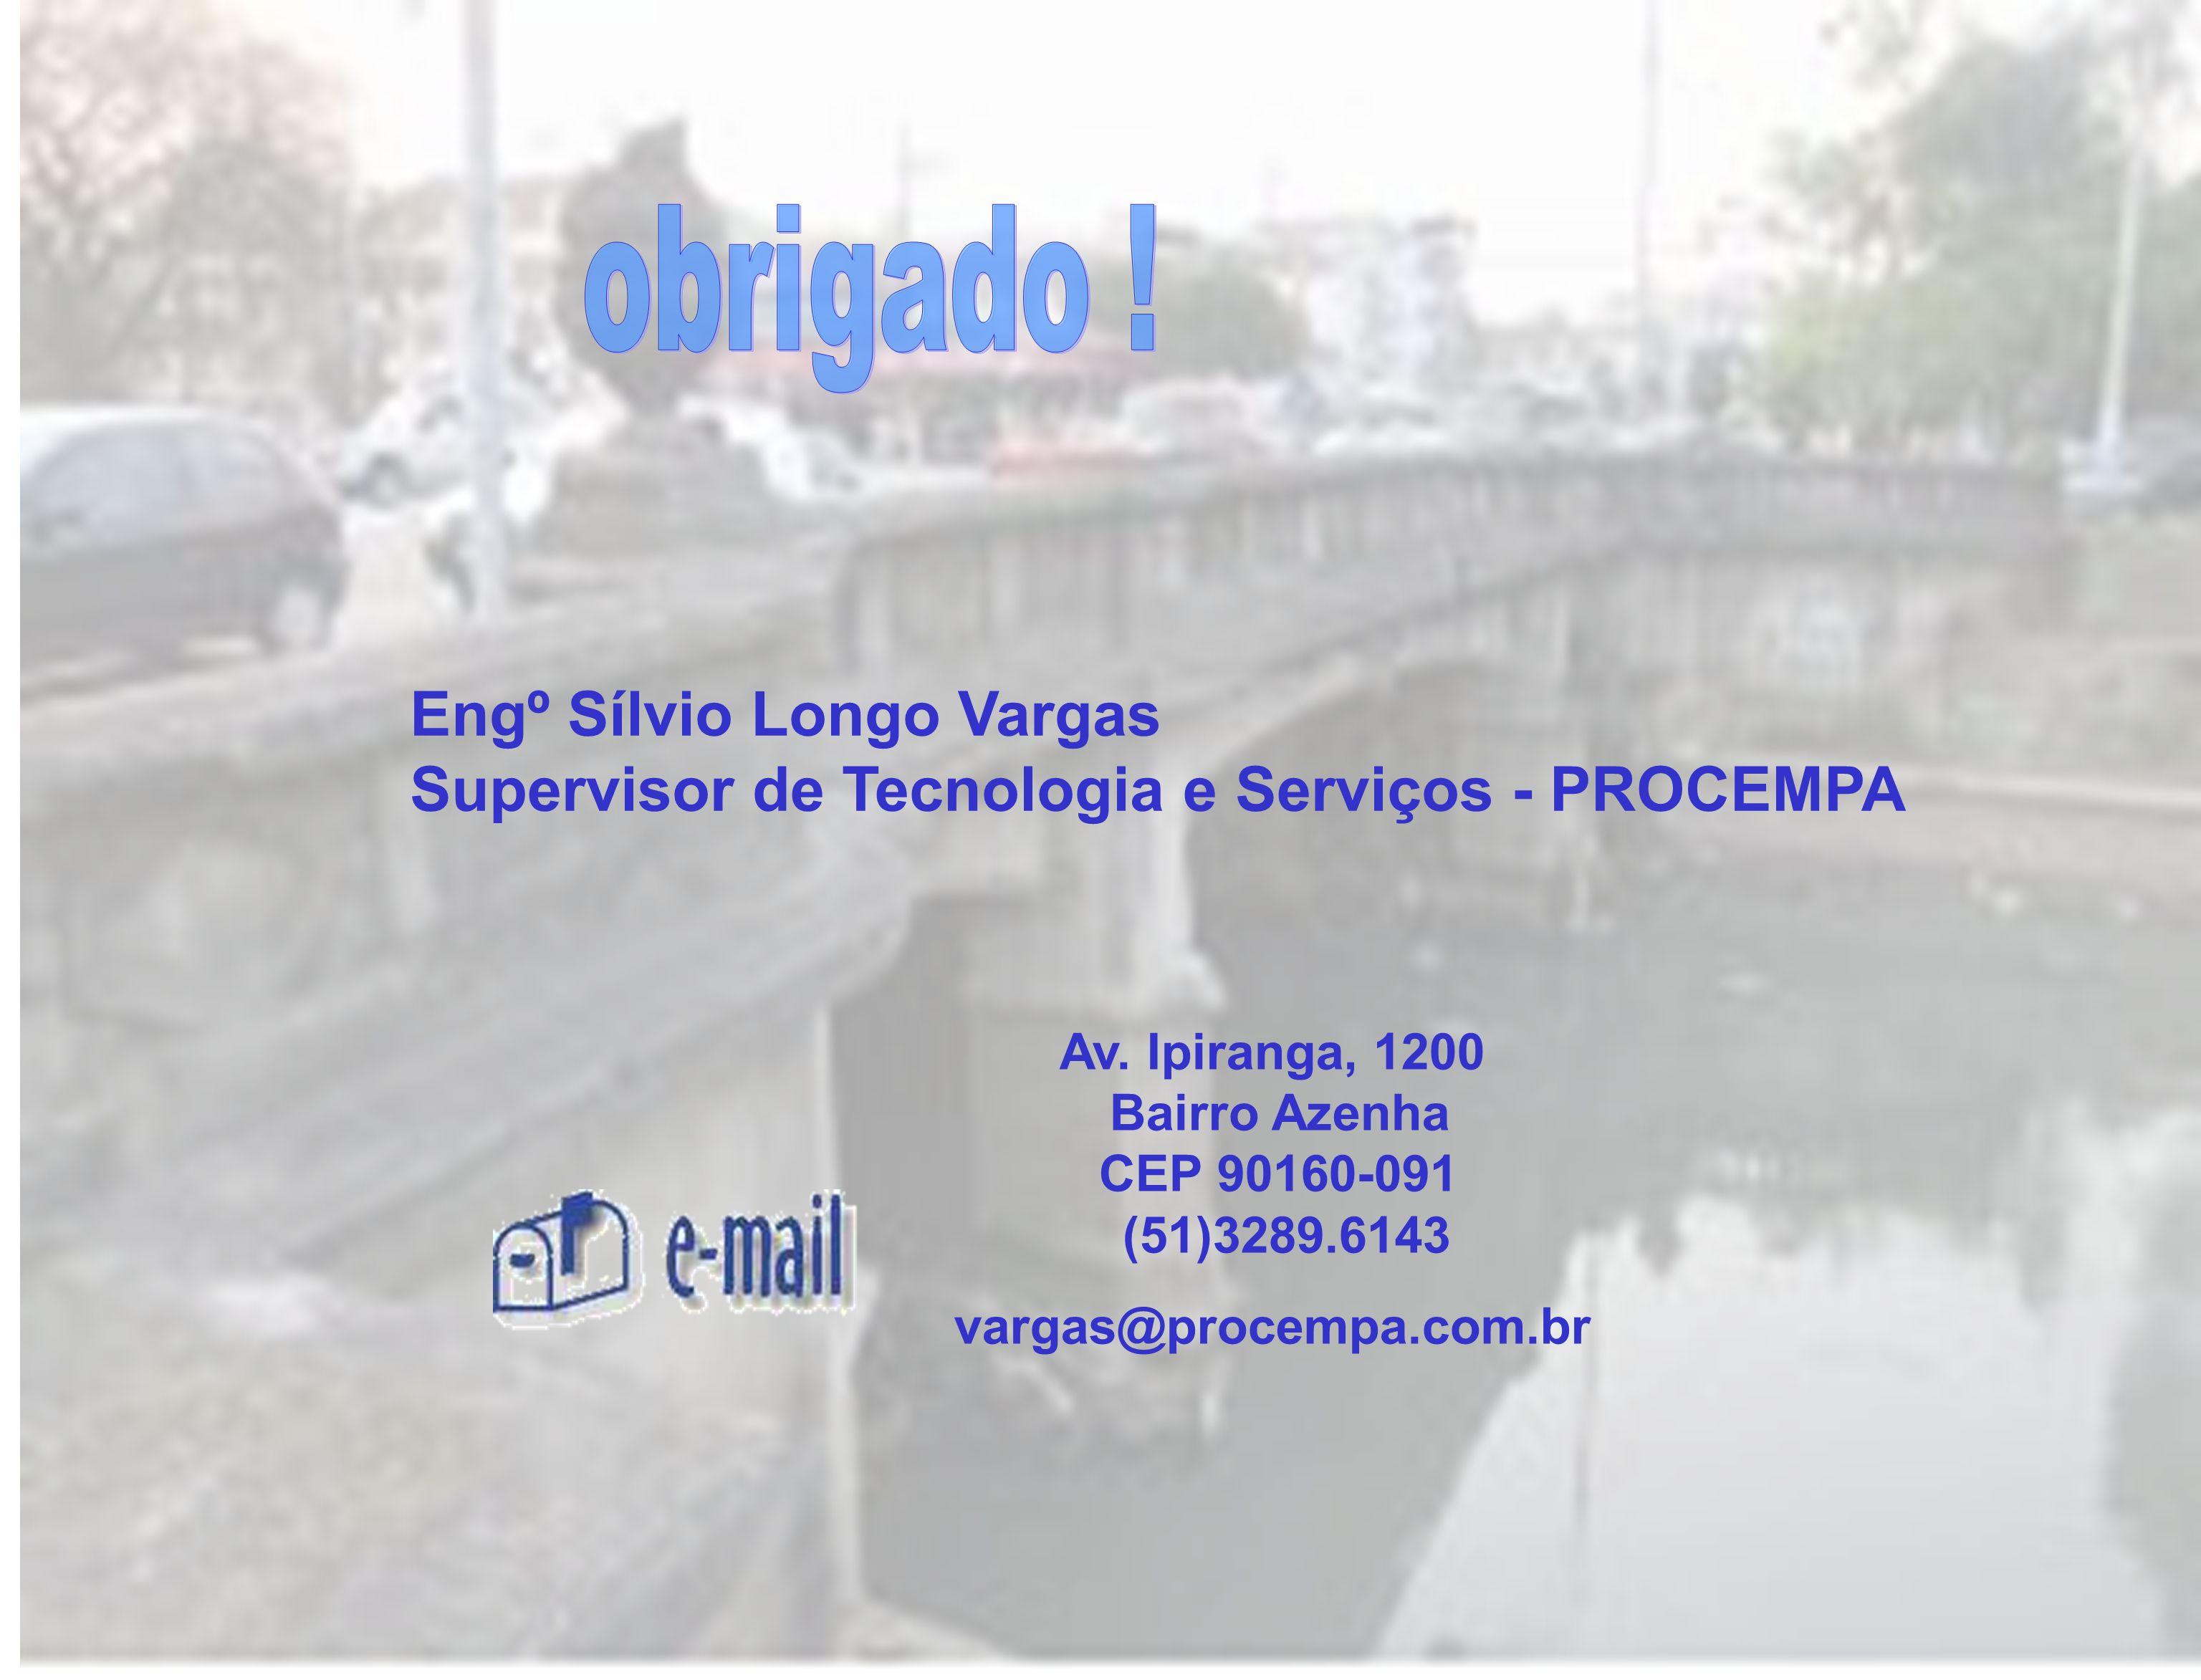 Av. Ipiranga, 1200 Bairro Azenha CEP 90160-091 (51)3289.6143